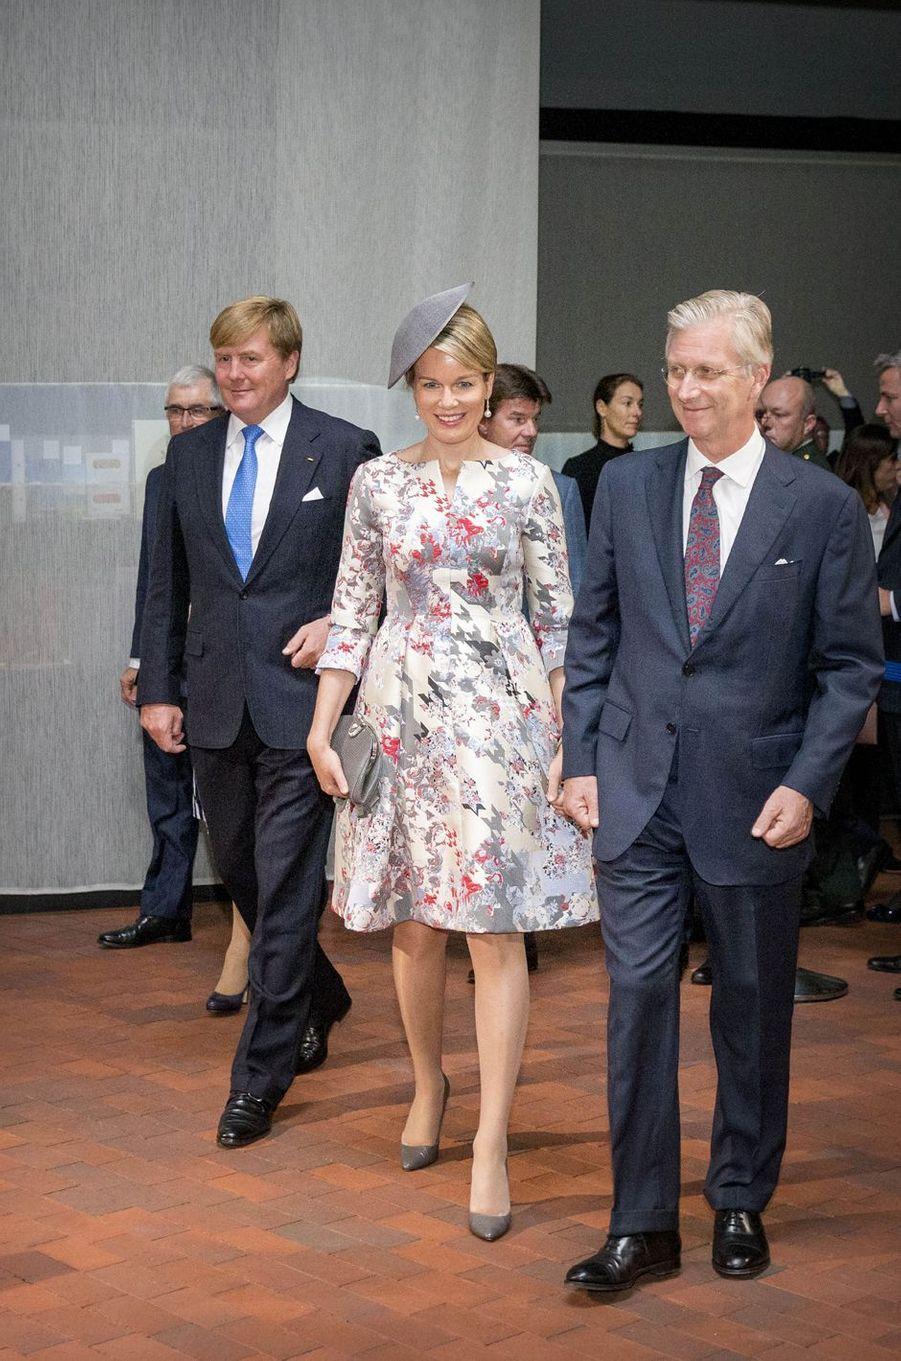 Le roi Willem-Alexander des Pays-Bas avec la reine Mathilde et le roi Philippe de Belgique à Francfort-sur-le-Main, le 18 octobre 2016